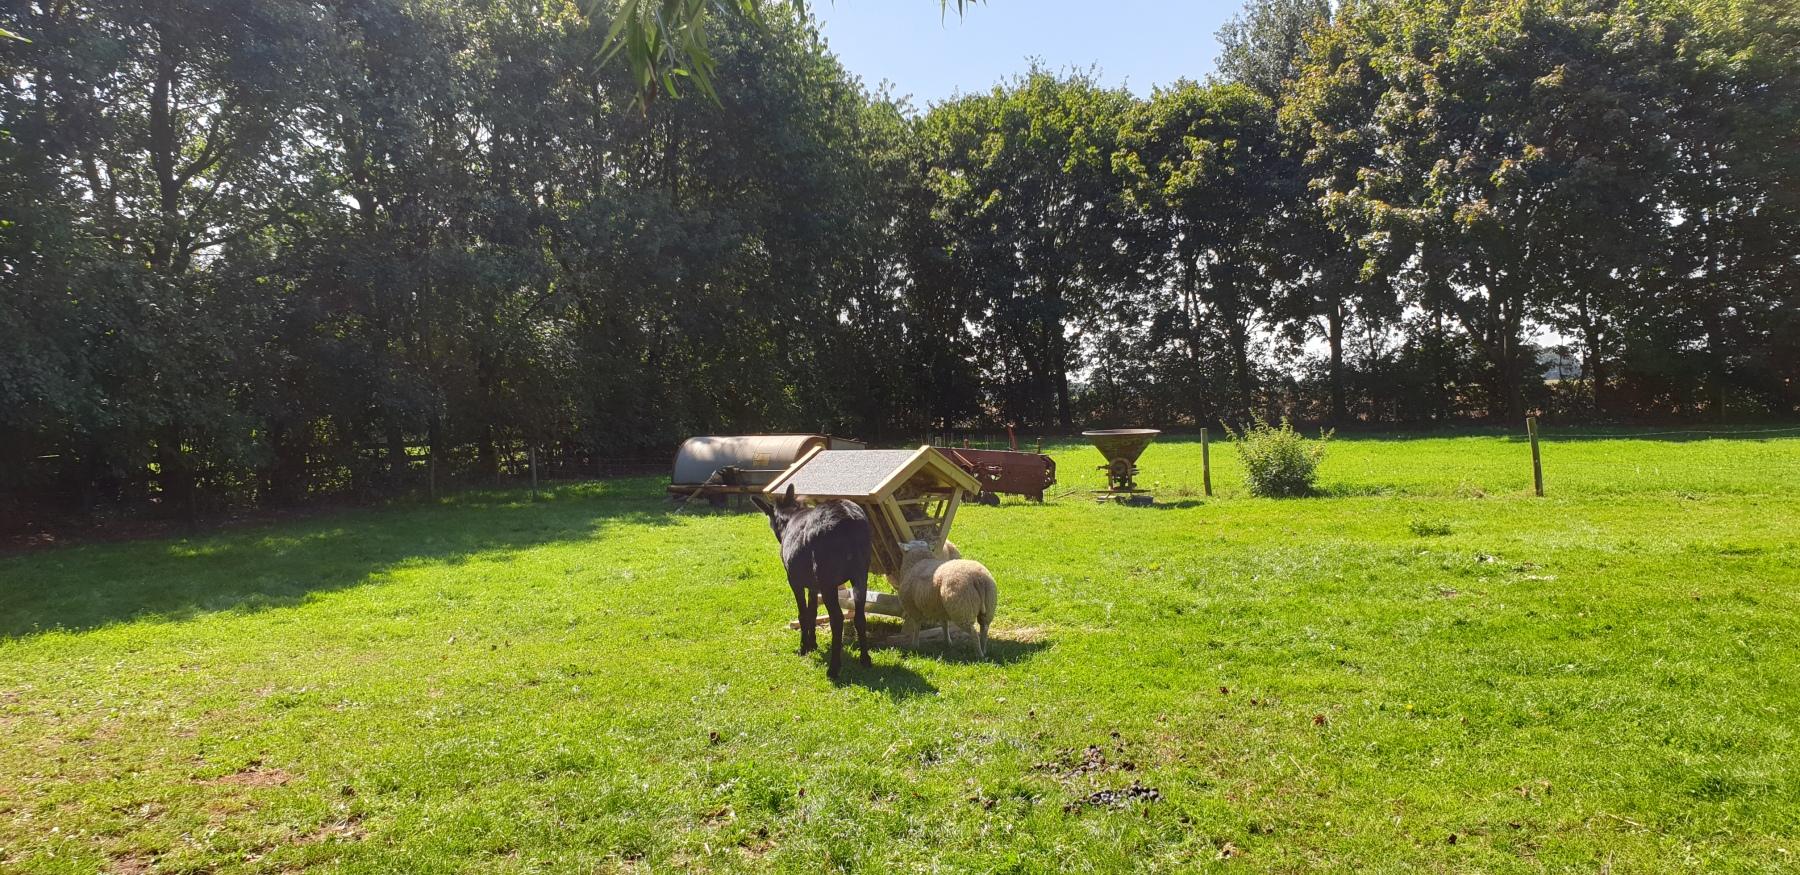 Saartje onze ezel en de schapen